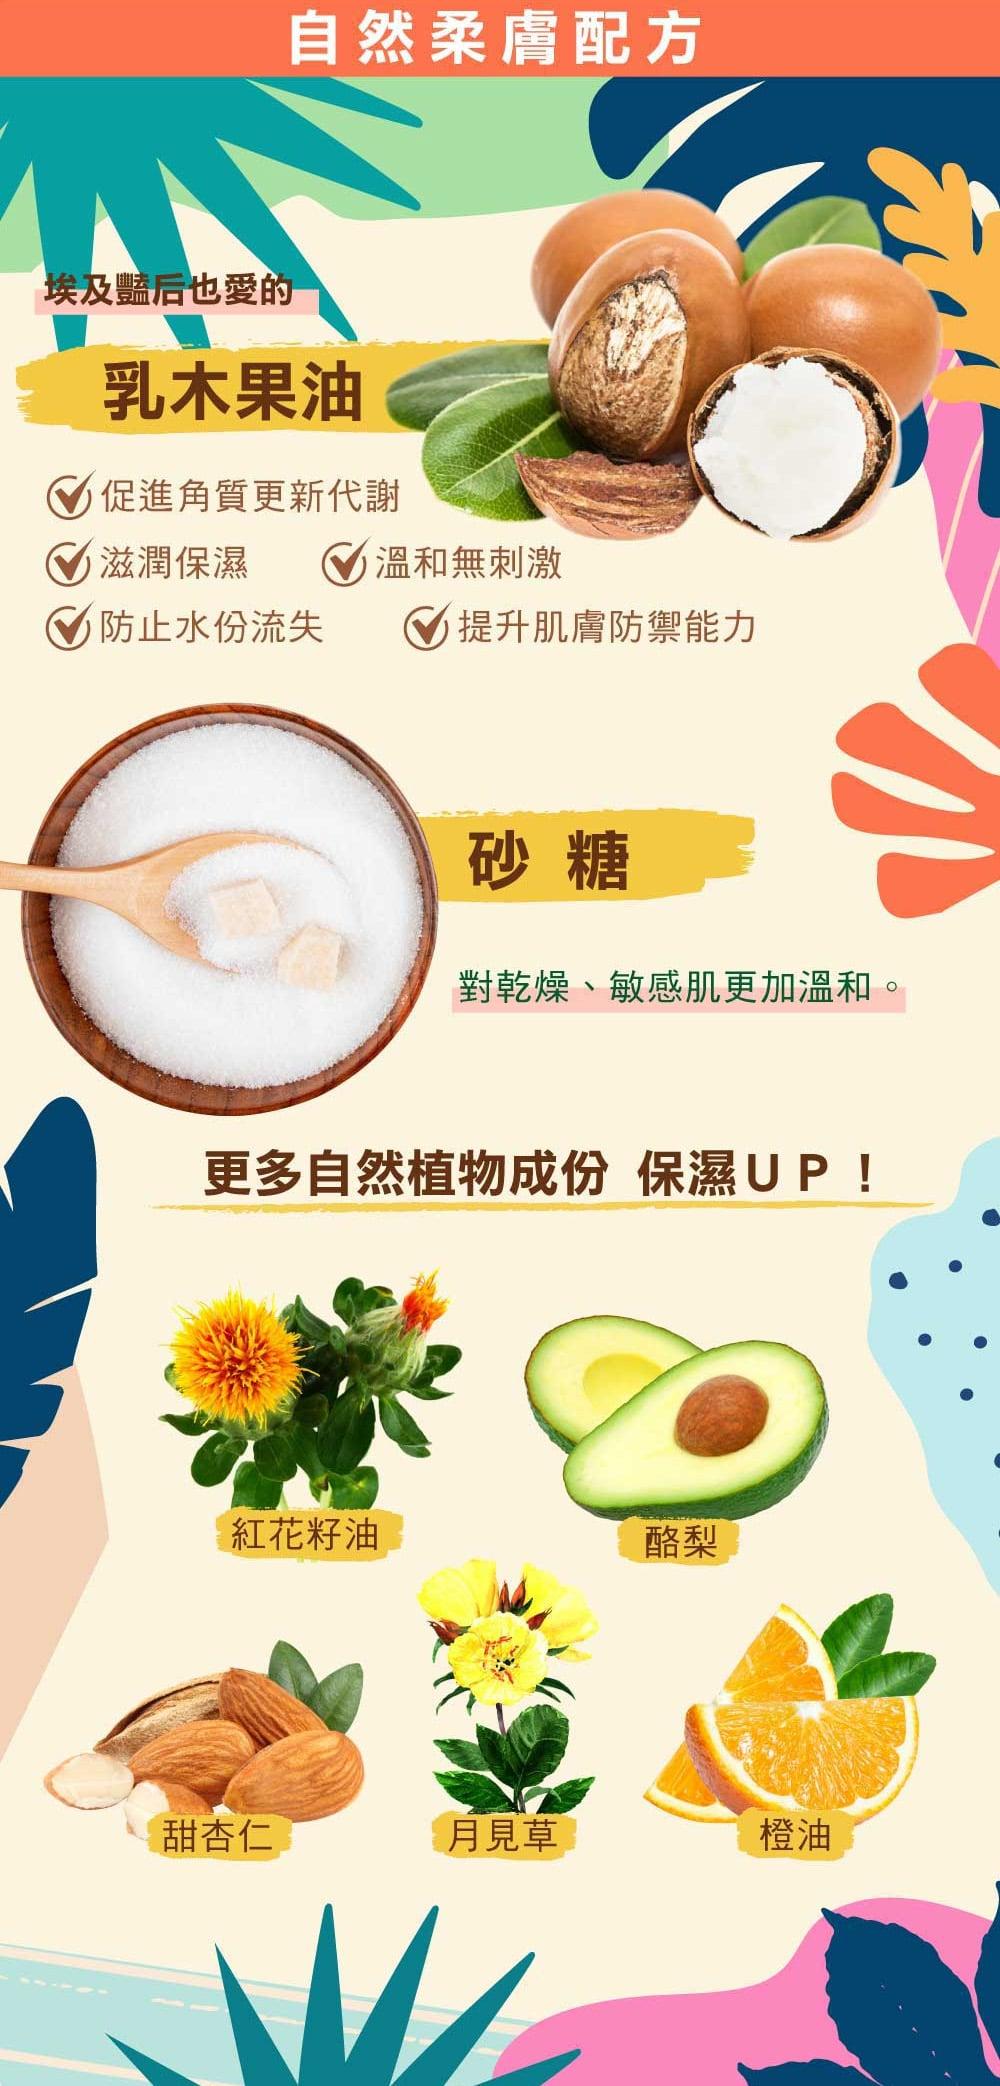 Shea Sugar Scrub - Ingredients